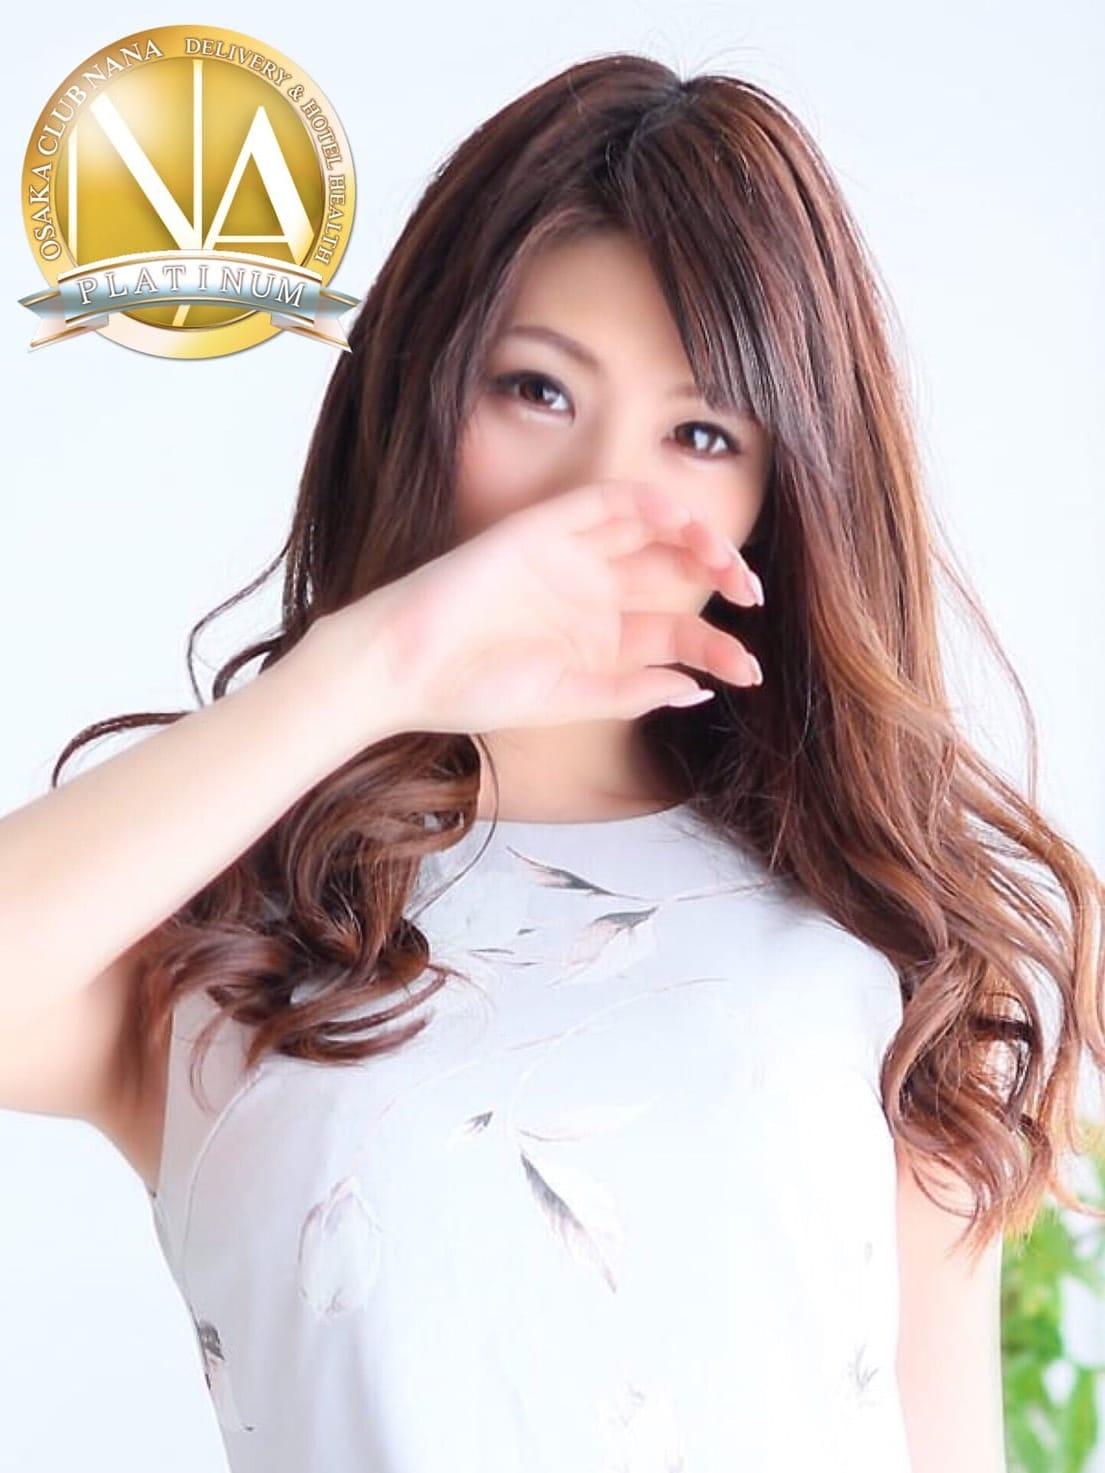 ルイ(大阪デリヘル Club NANA)のプロフ写真1枚目